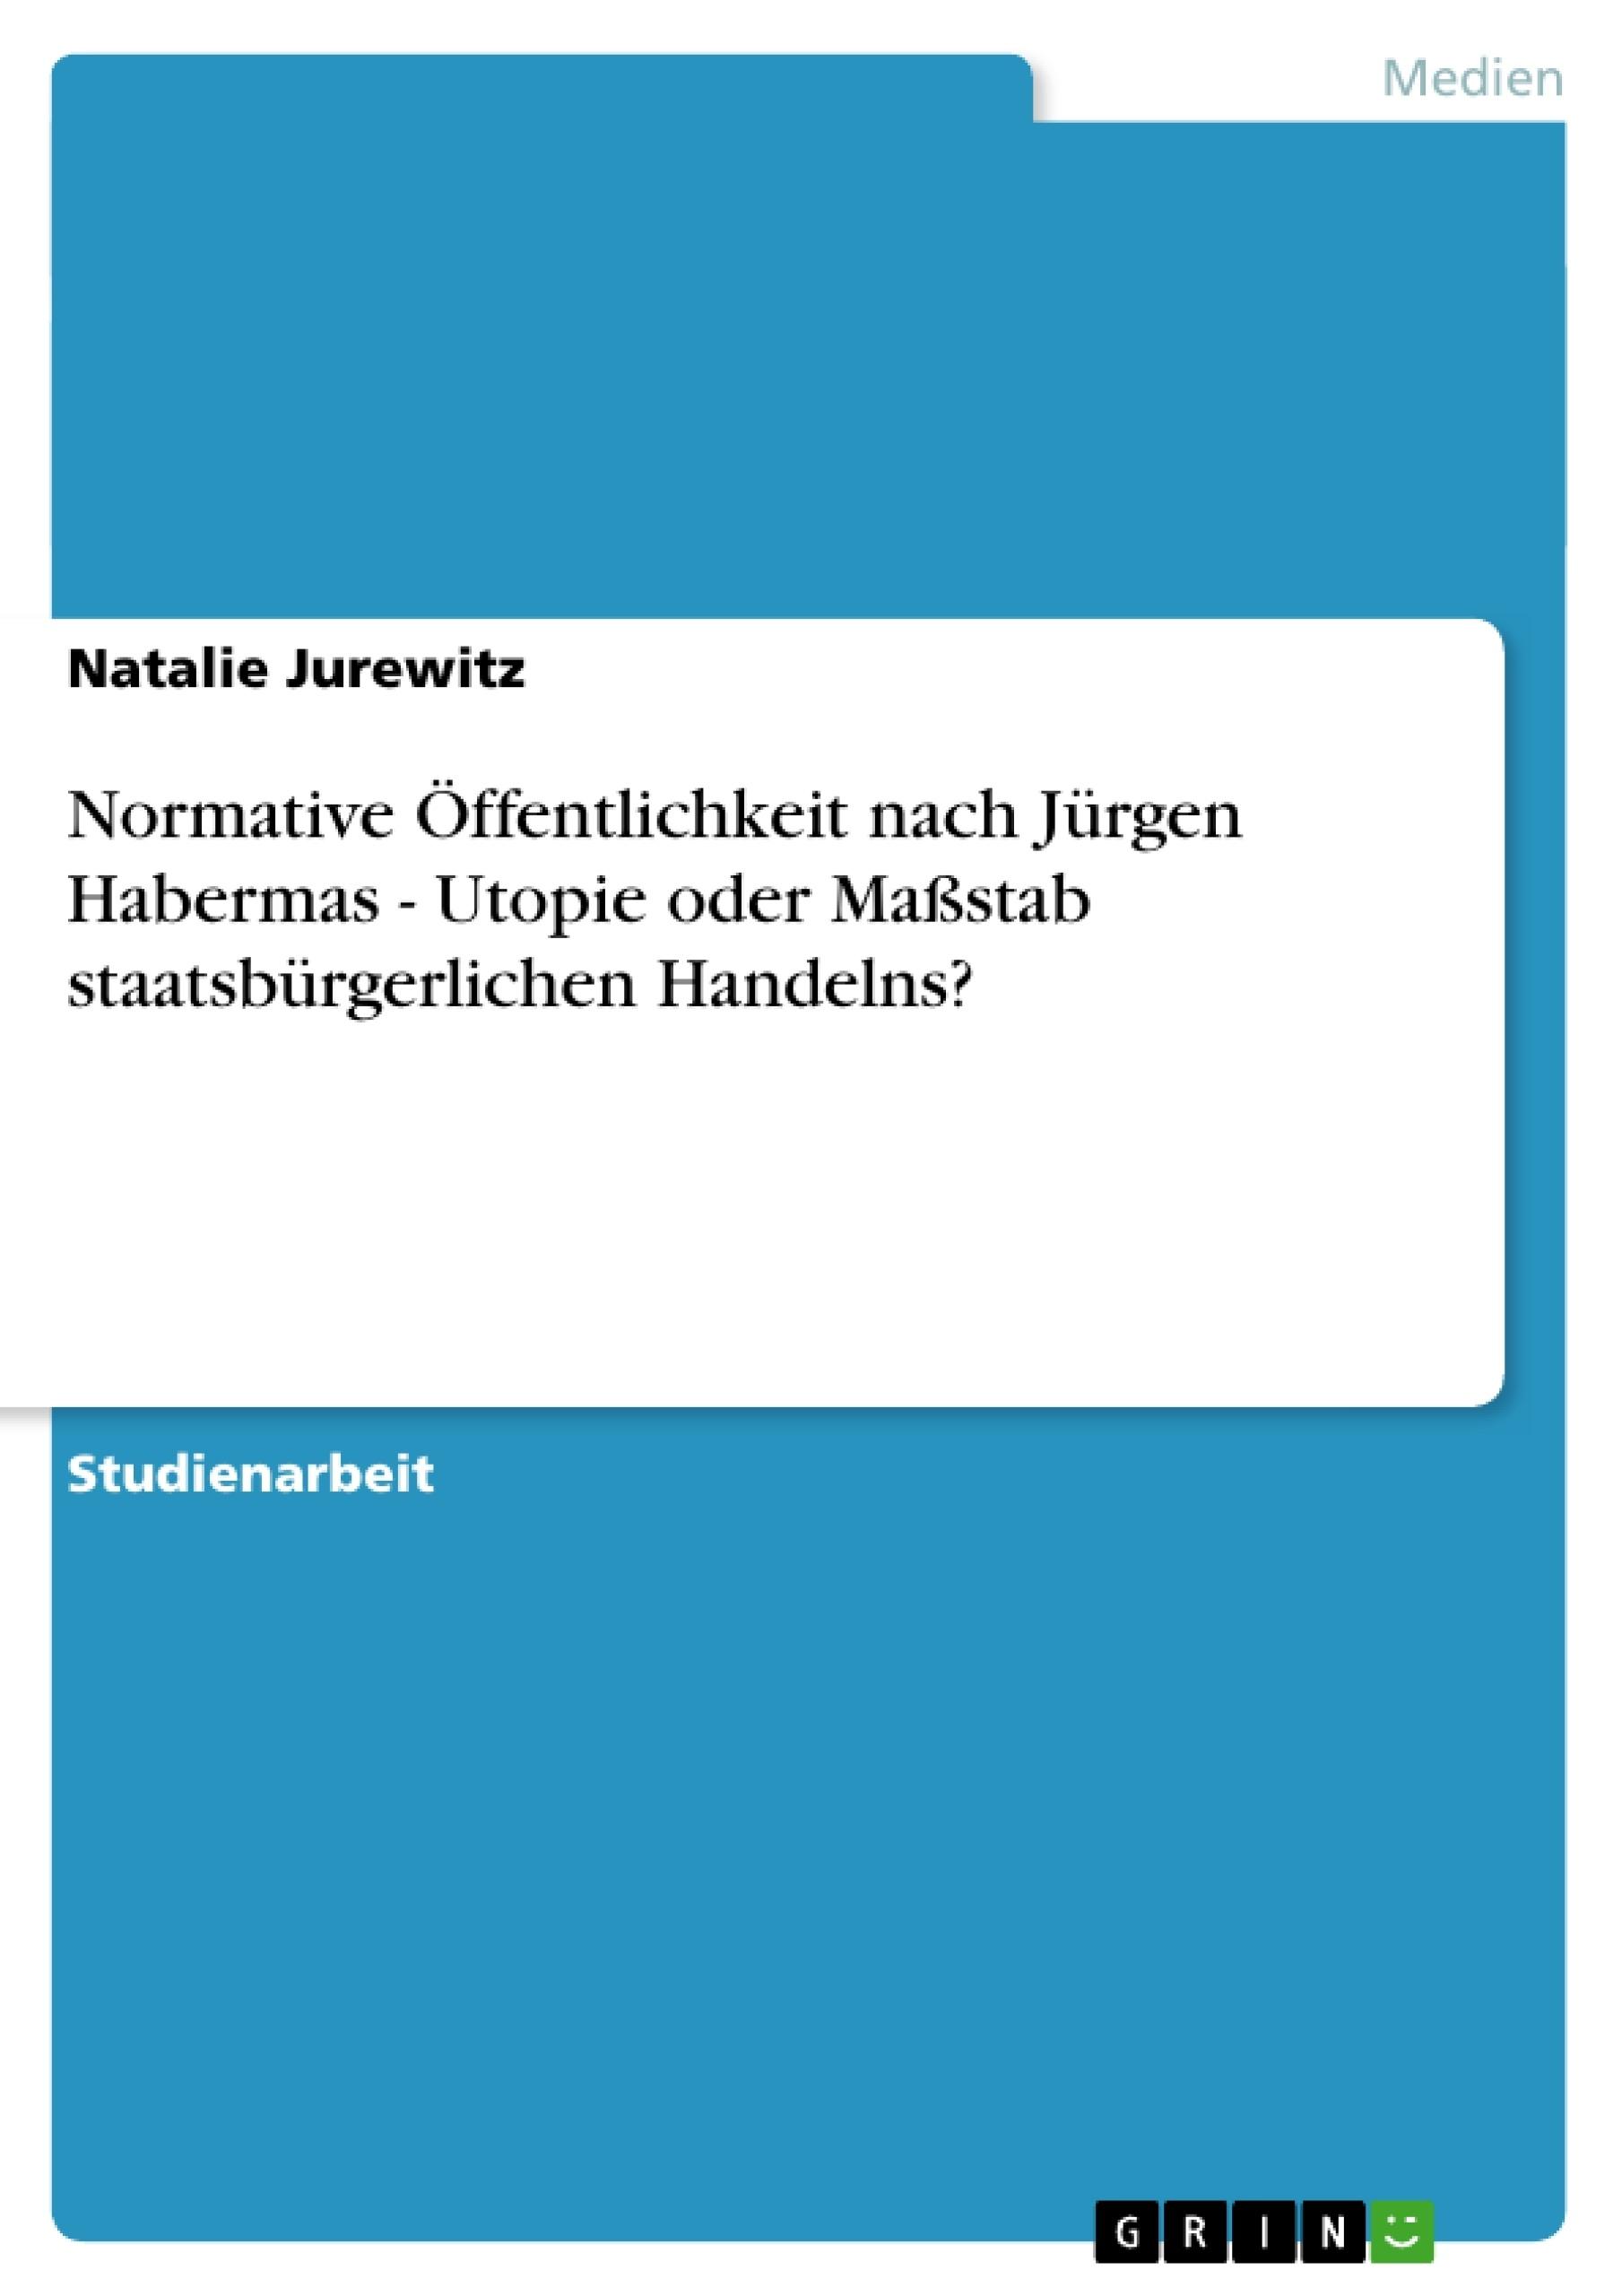 Titel: Normative Öffentlichkeit nach Jürgen Habermas - Utopie oder Maßstab staatsbürgerlichen Handelns?